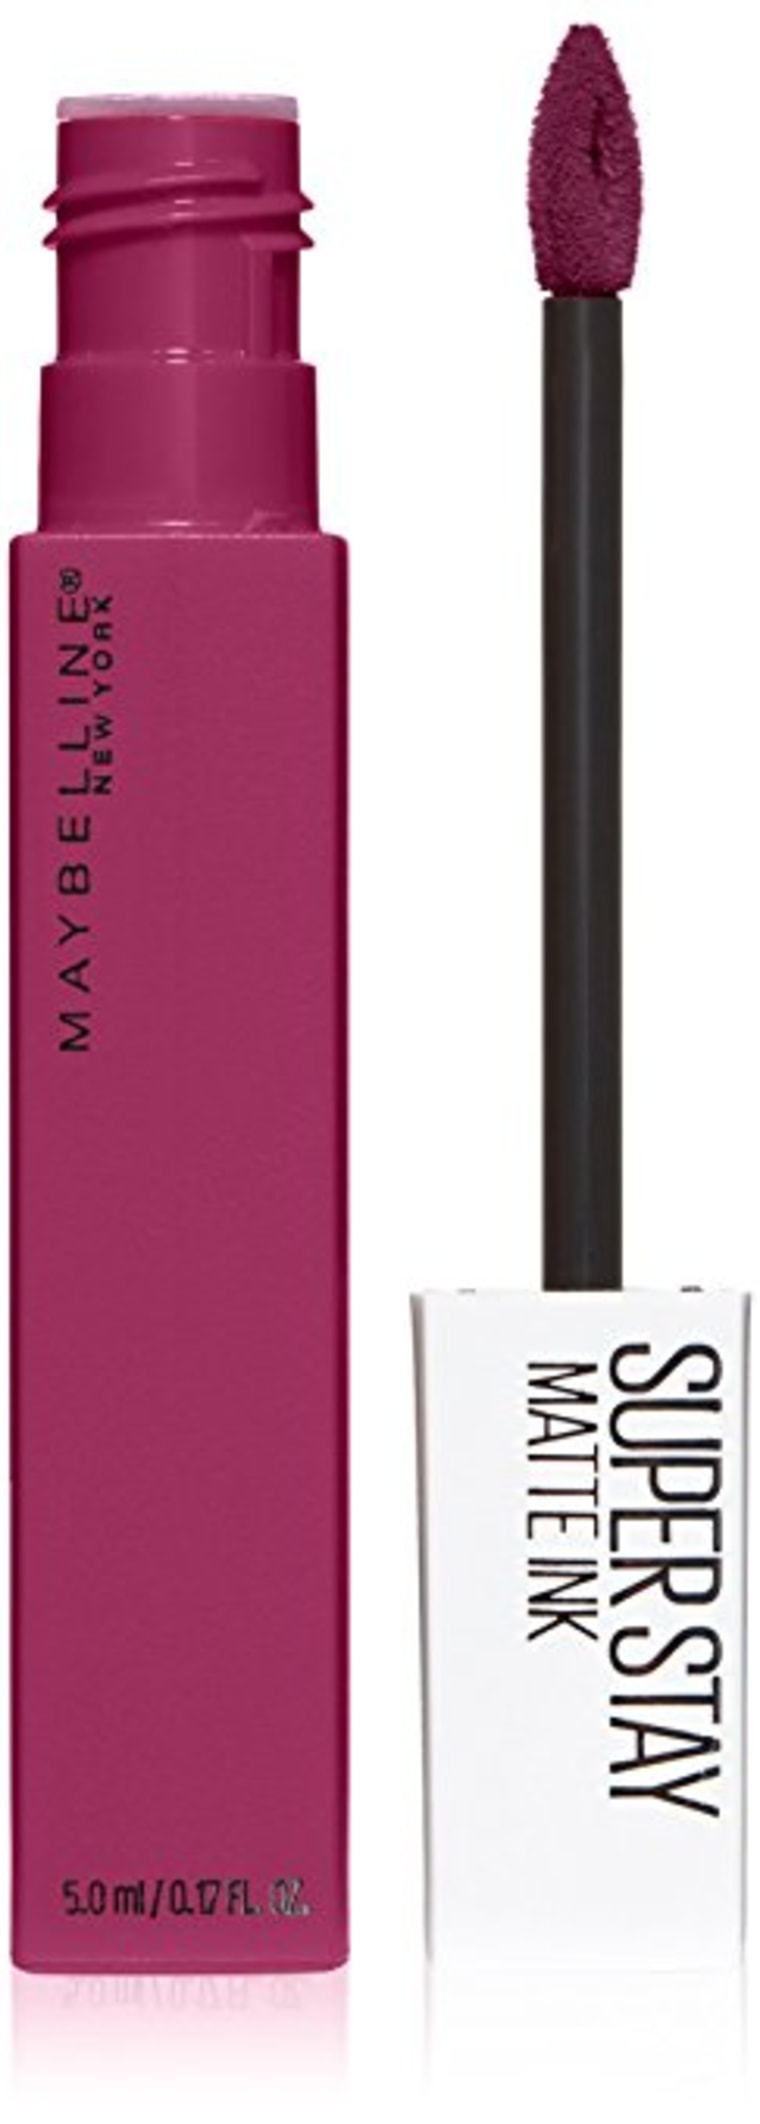 Maybelline New York SuperStay Matte Ink Lip Color